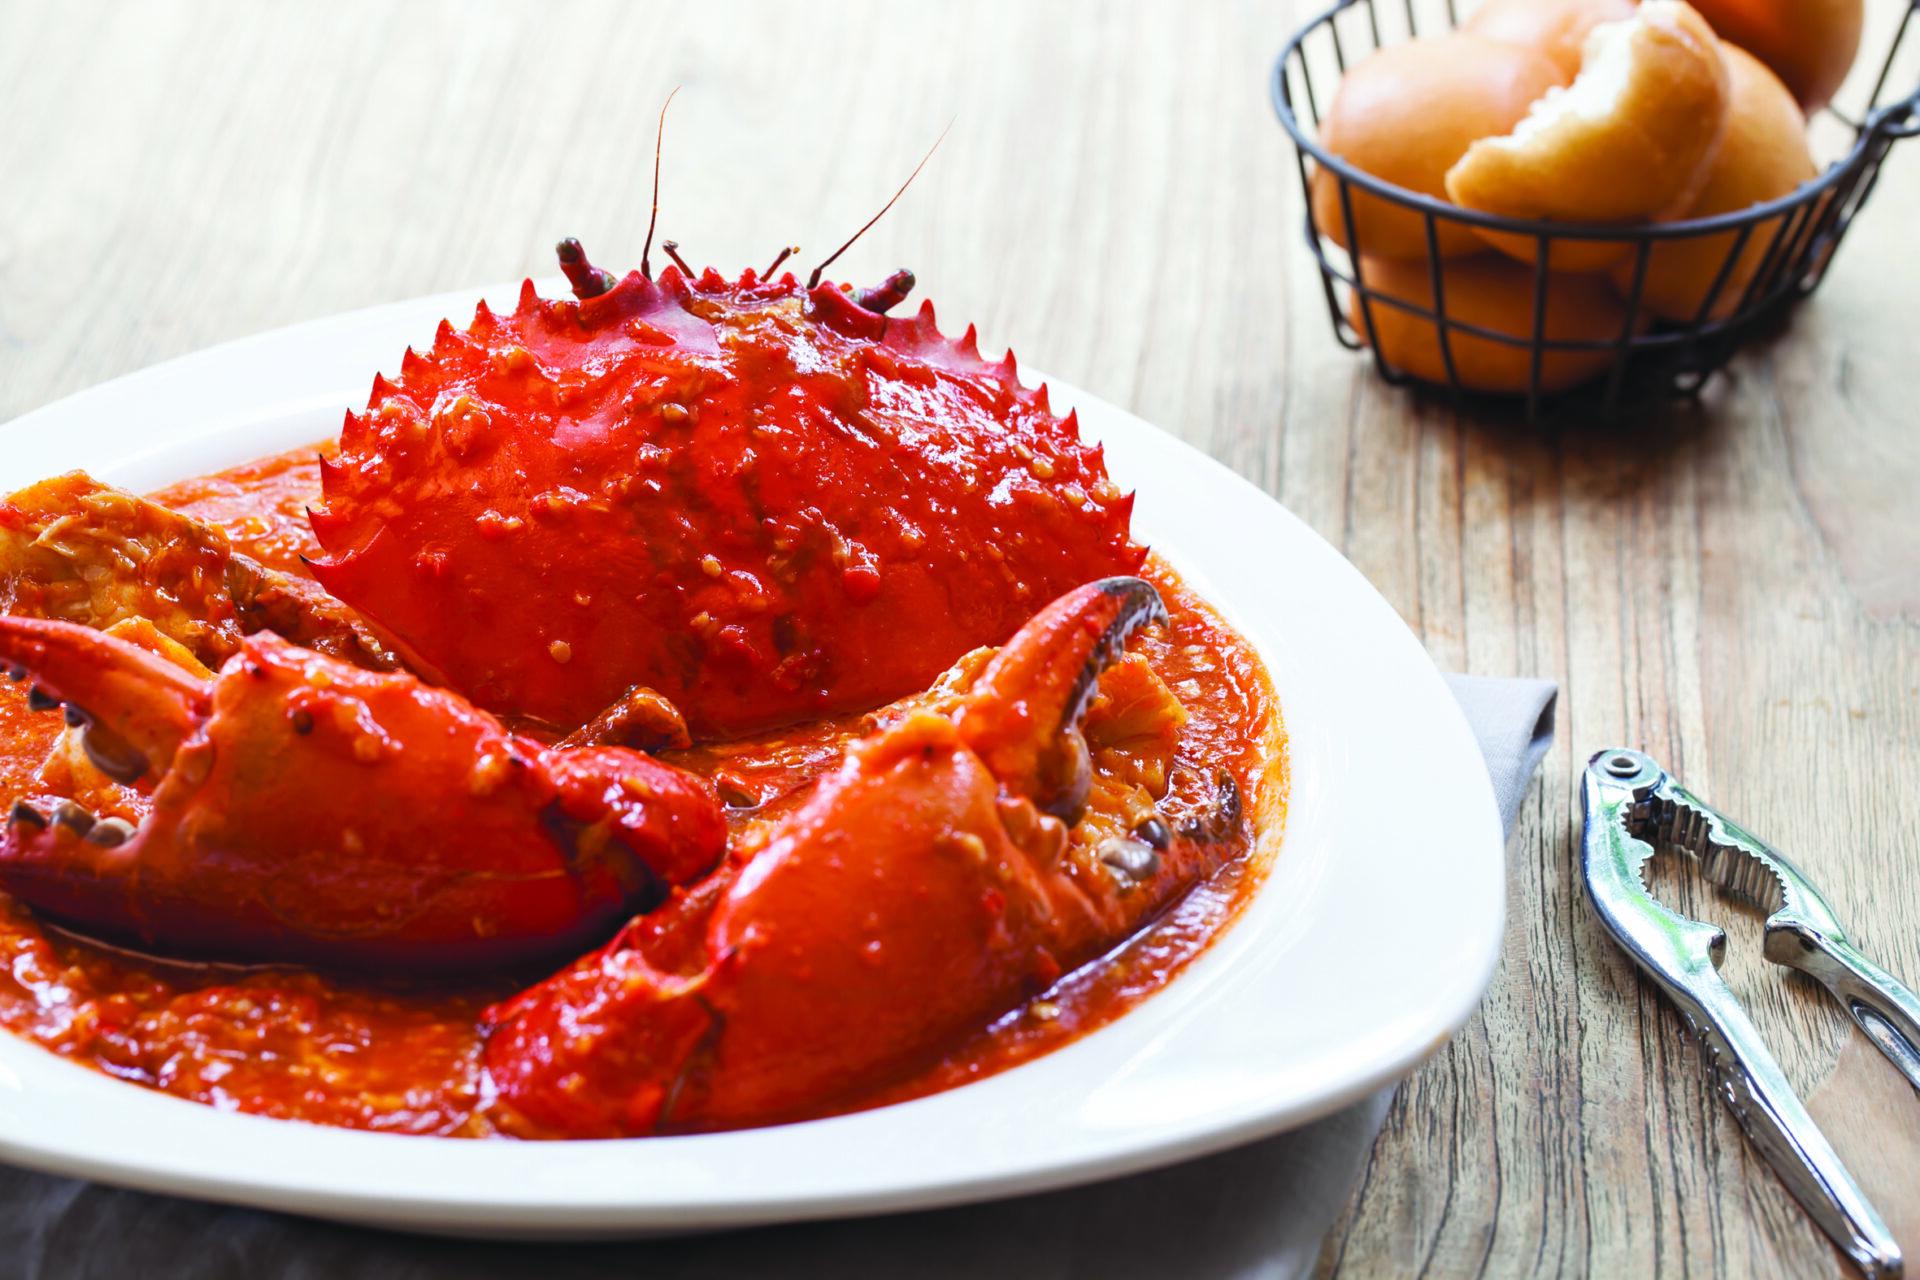 【ローカルフード4選】 シンガポールで食べないと!チリクラブや中華を食べるなら、ここ!